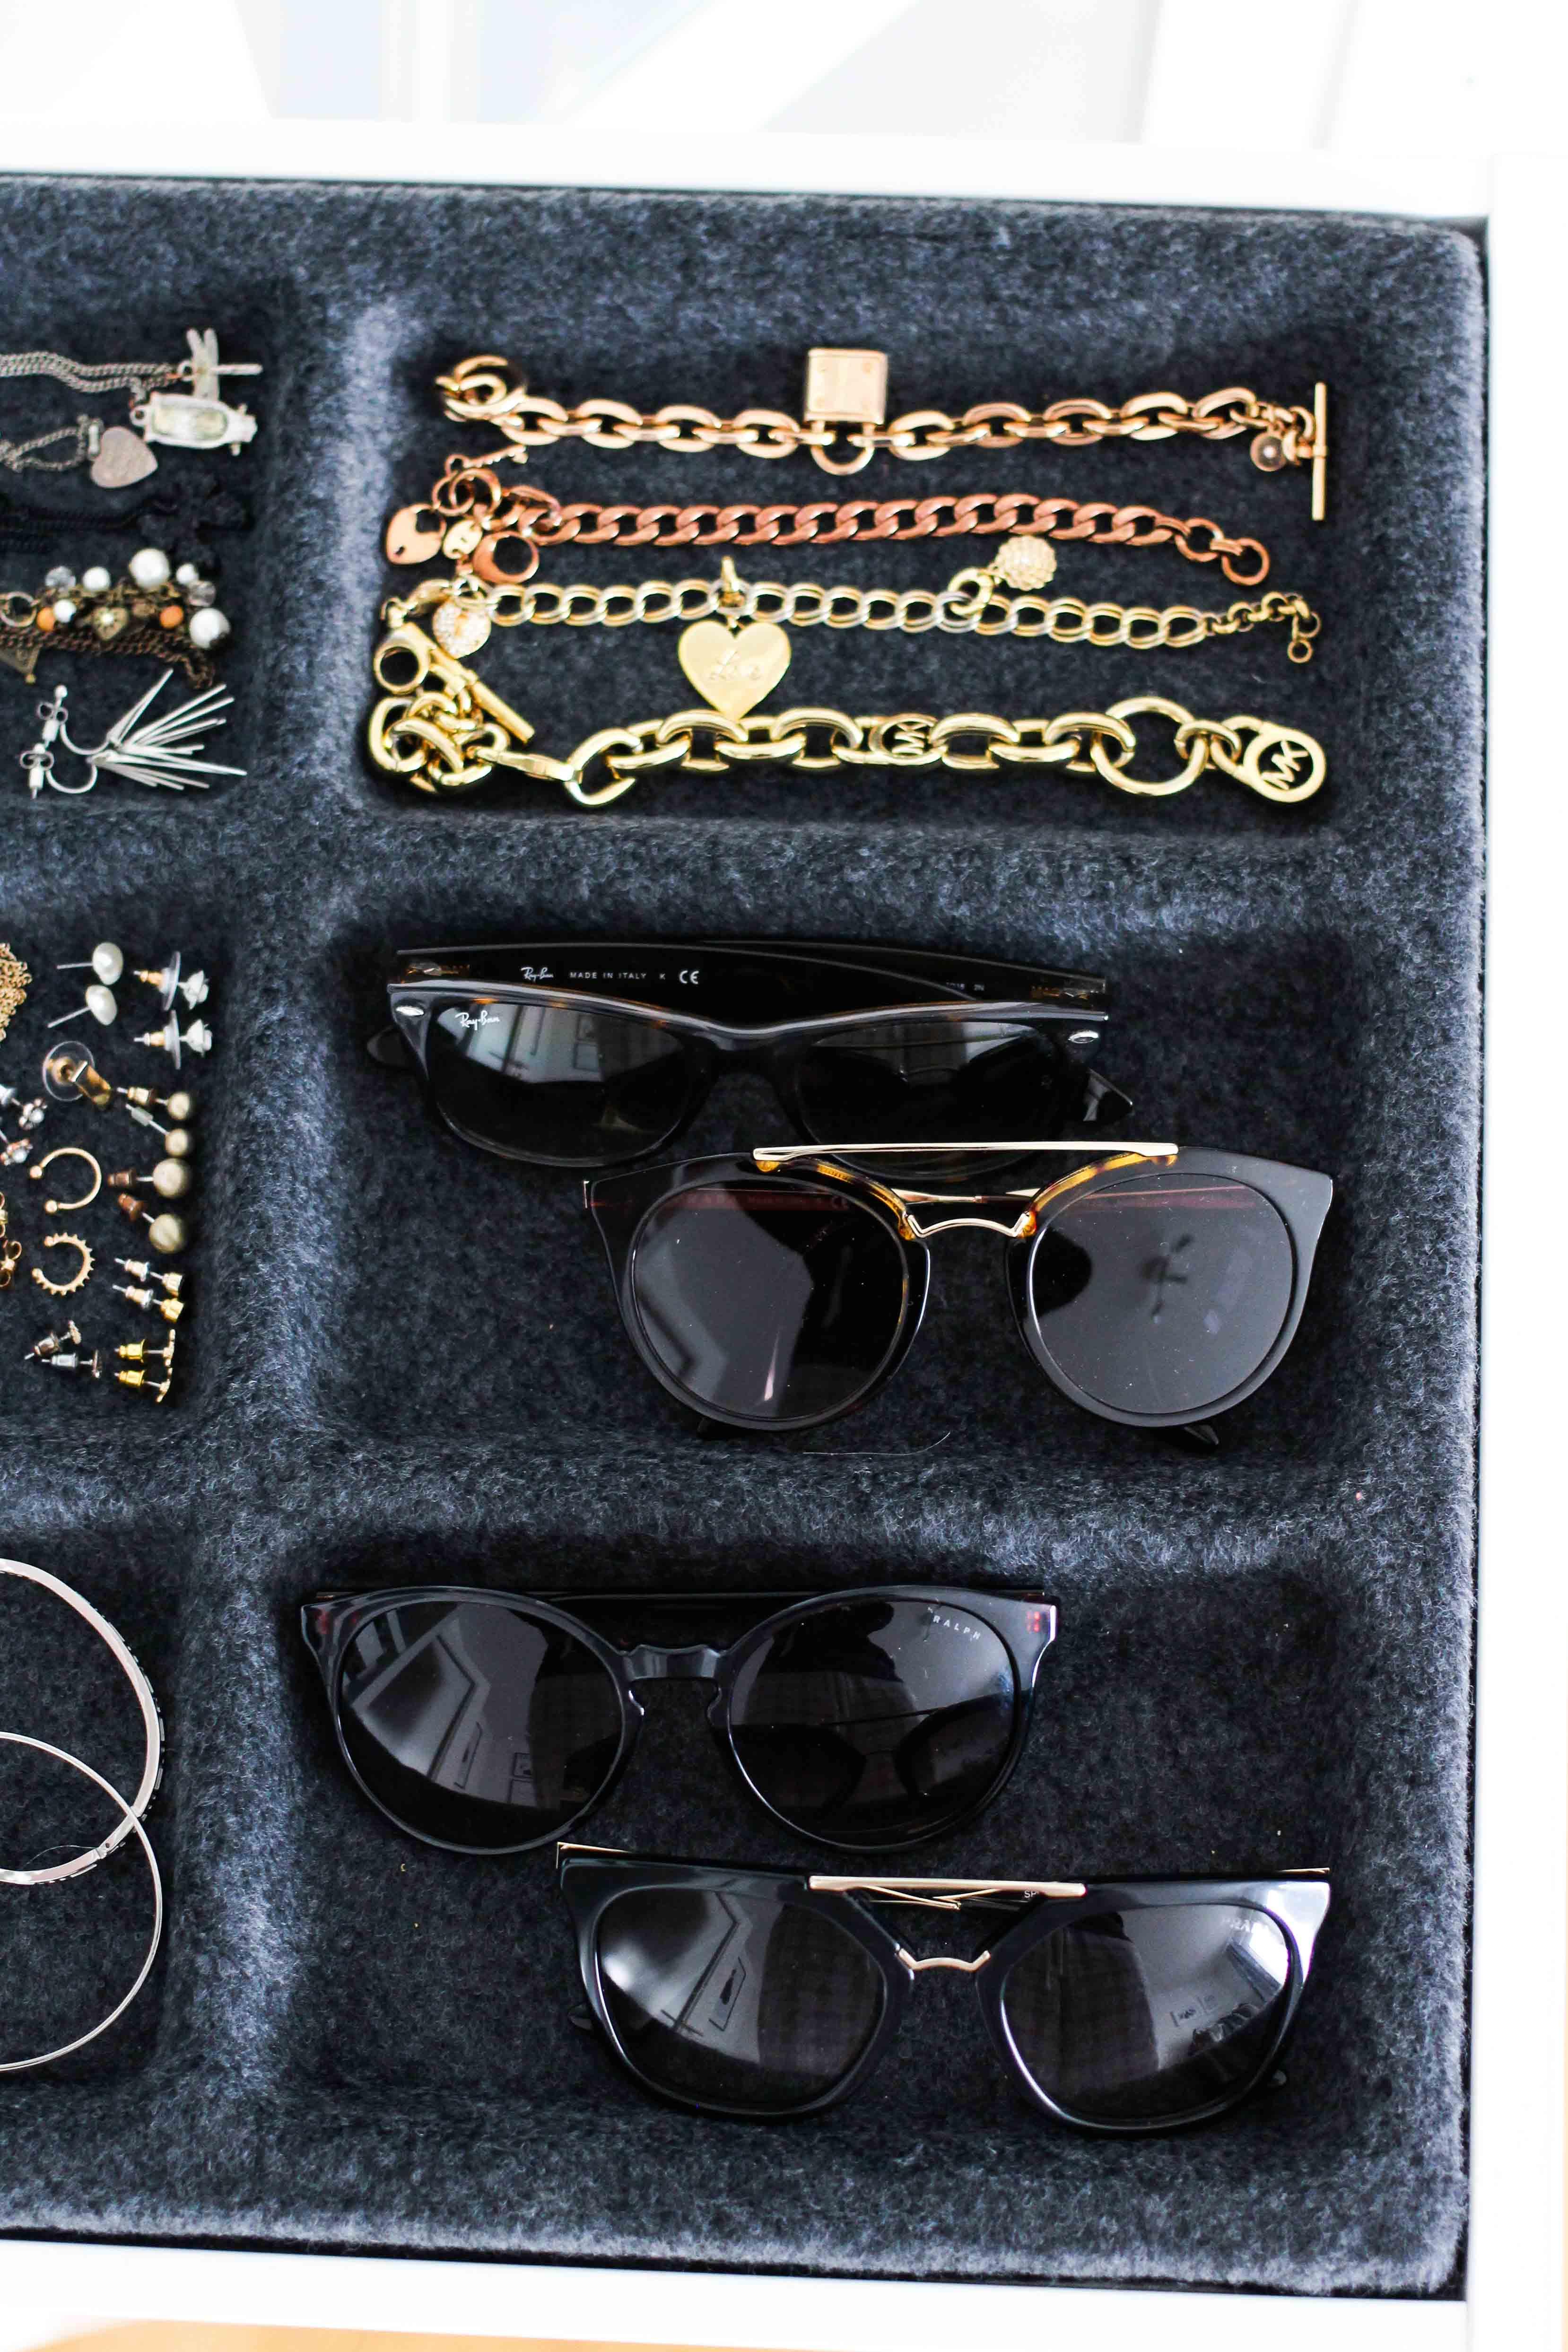 Mein Ankleidezimmer PAX Schrank Ikea #zeigdeinenPAX KOPMLEMENT Ausziehboden Sonnenbrille Blogger